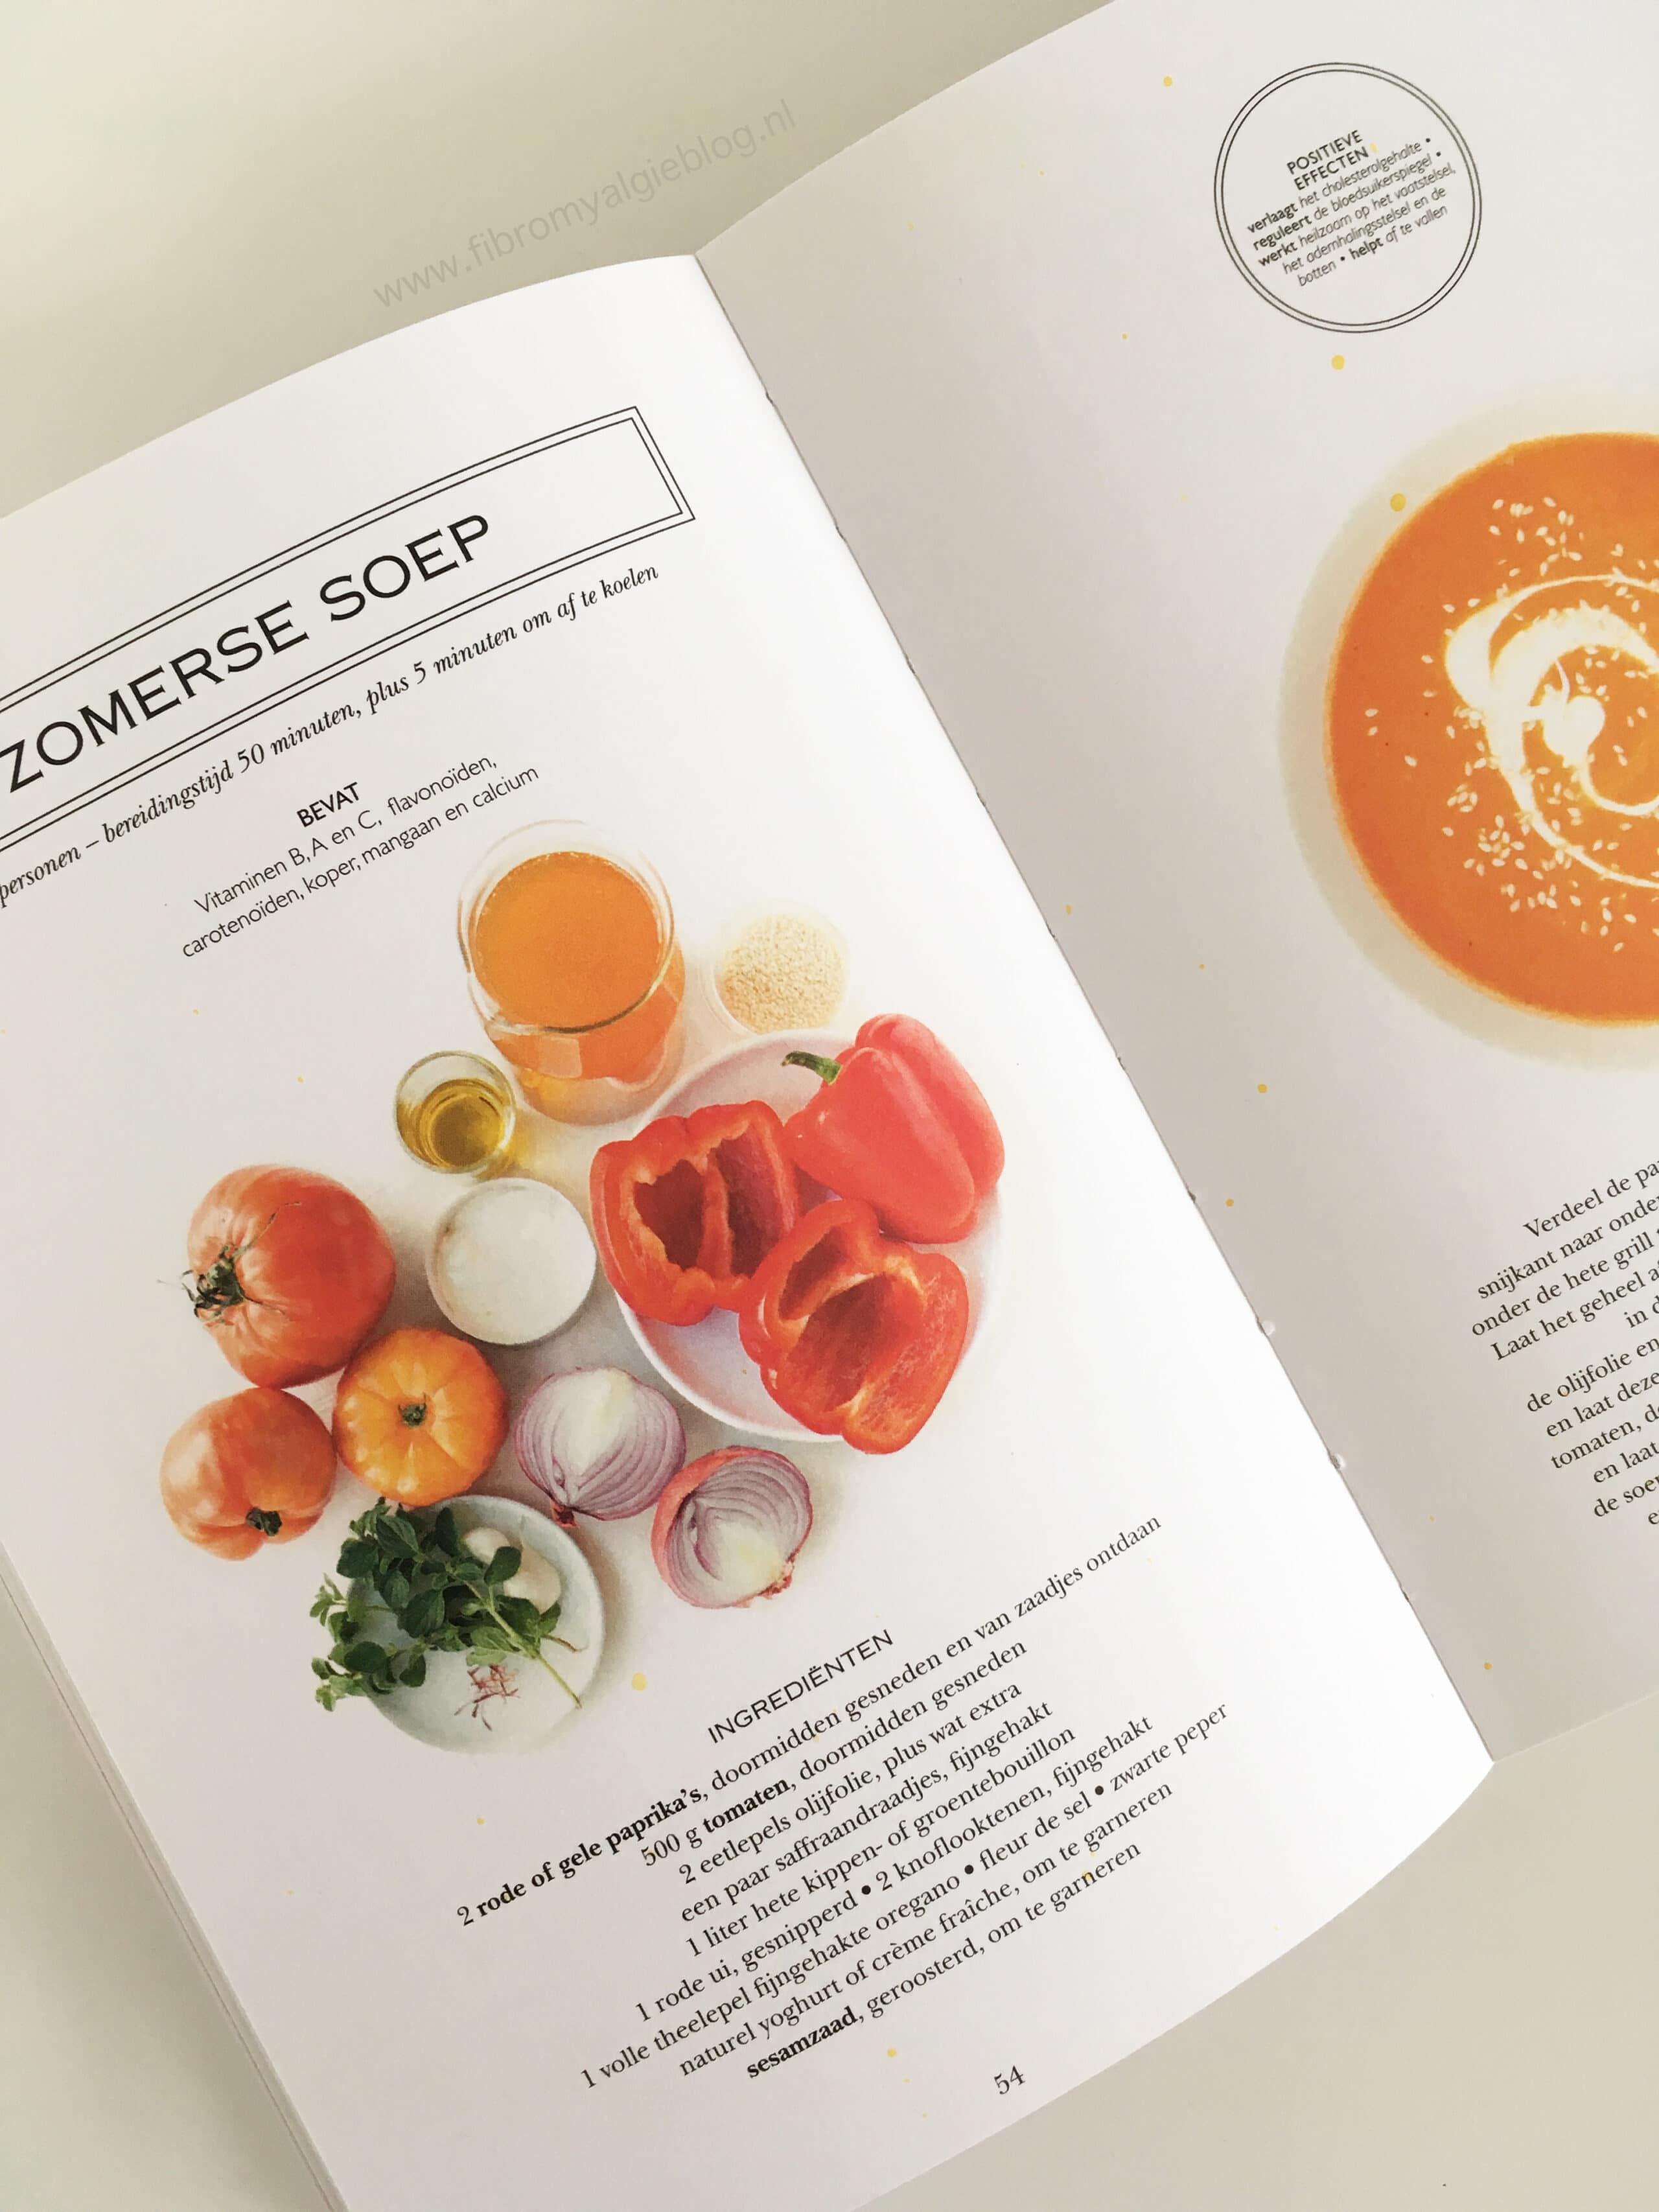 Supergezond-zomersoep-kookboeken